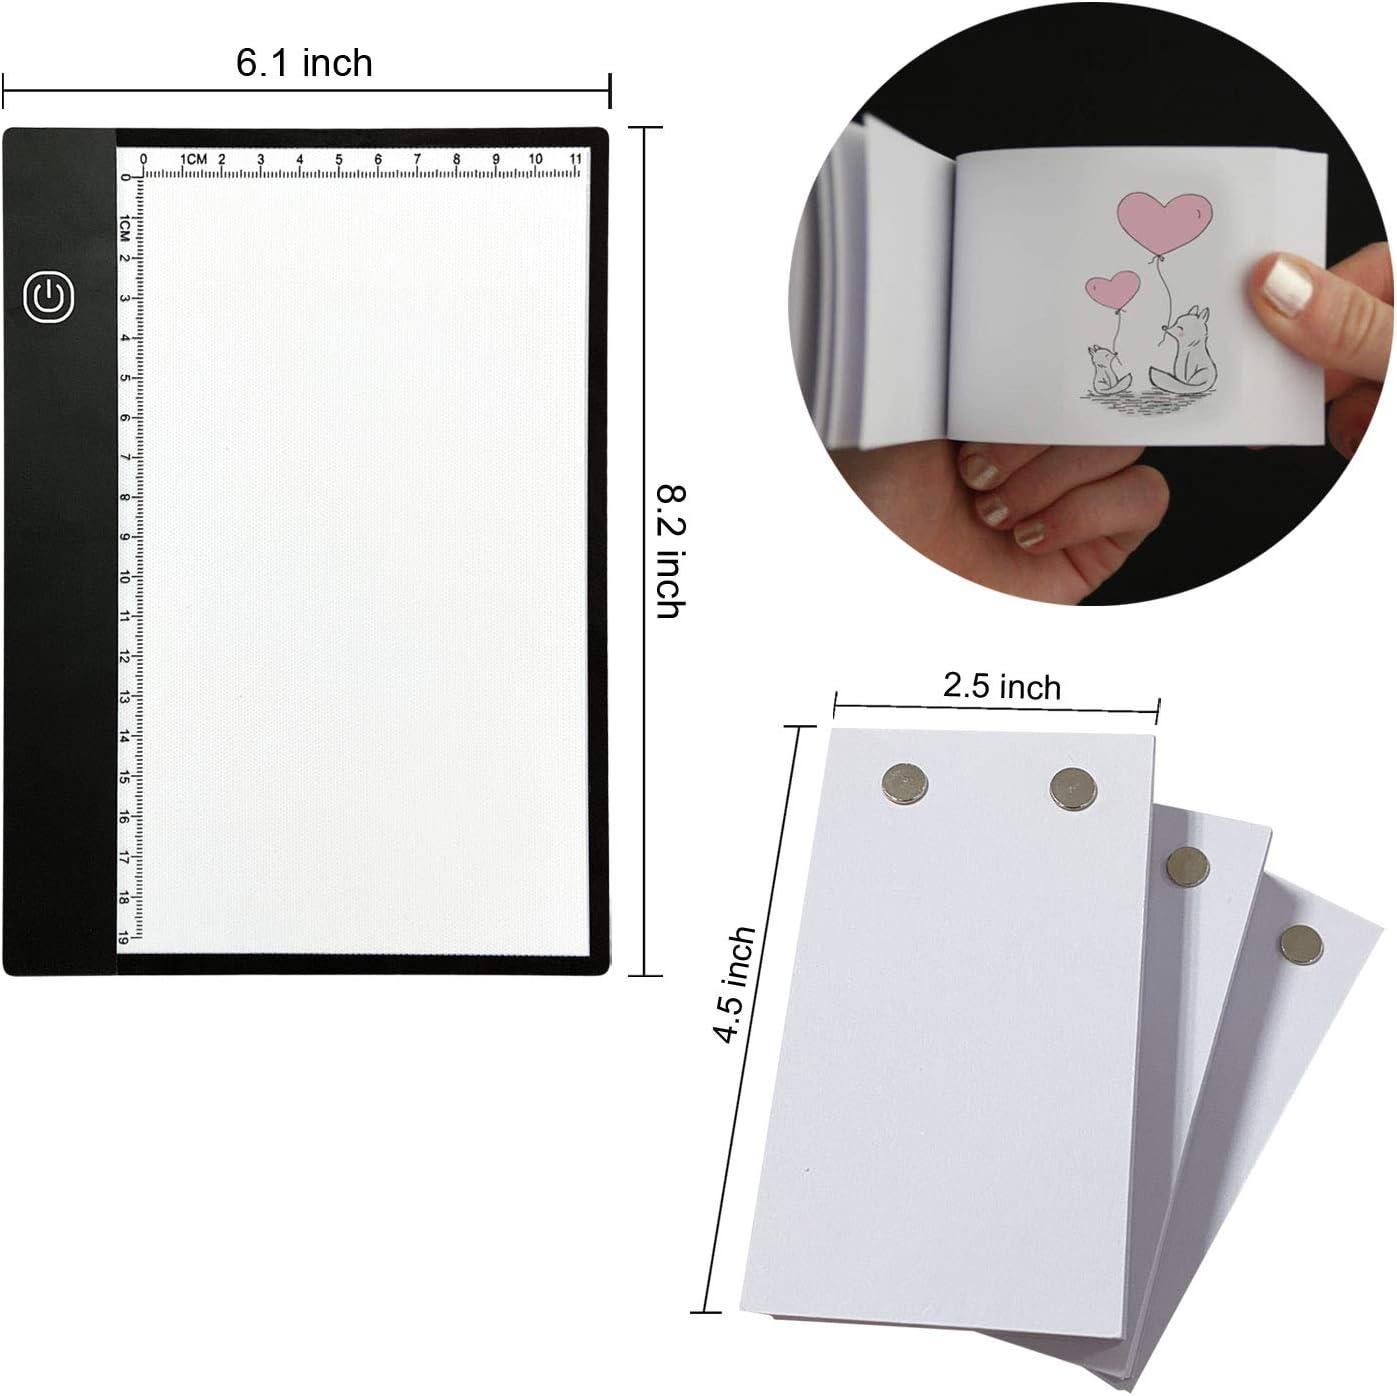 papel de animaci/ón de 270 hojas con tornillos extra/íbles y caja de luz LED para trazado y dibujo kit de libro plegable caja de luz A5 alimentada por USB con atenuaci/ón continua y regla